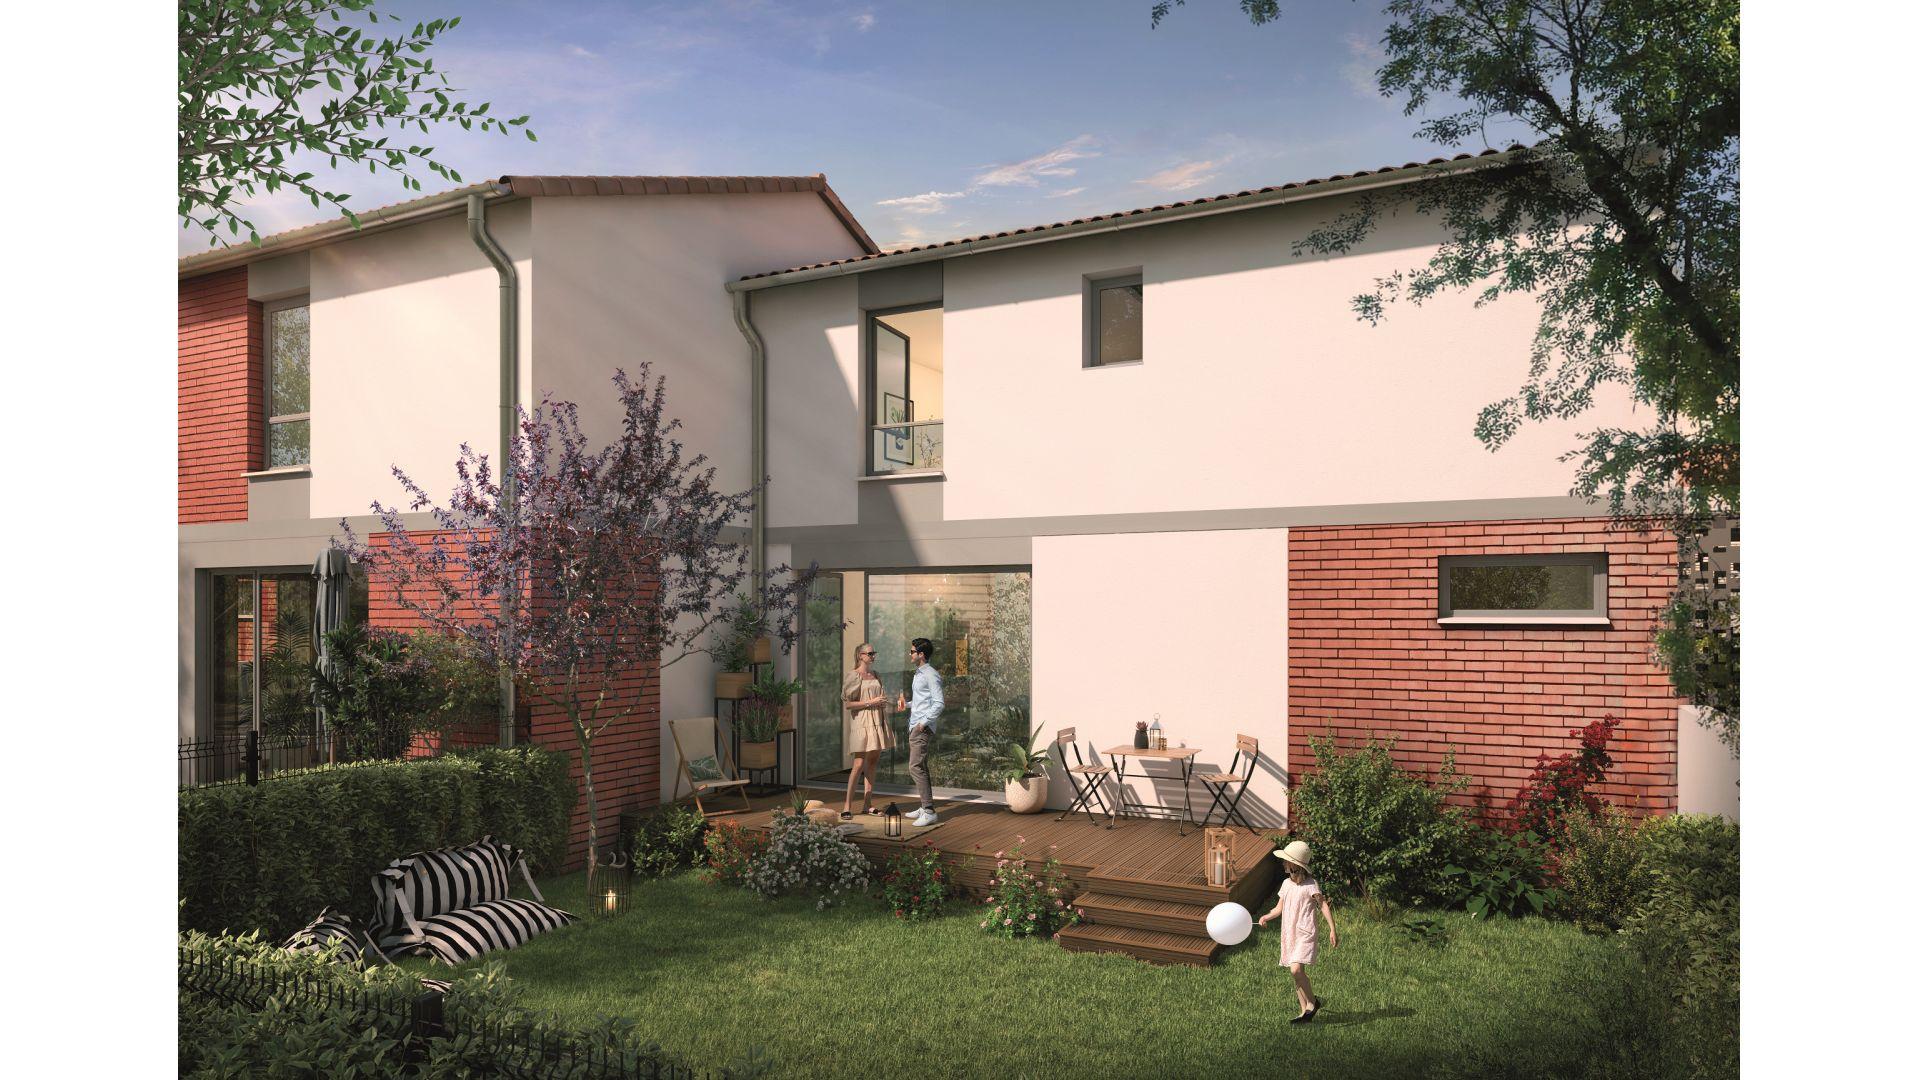 Greencity Immobilier - Domaine du Haumont - achat appartements et villas du T2 bis au T5 - Pins-Justaret 31860 - villa T3 côté jardin